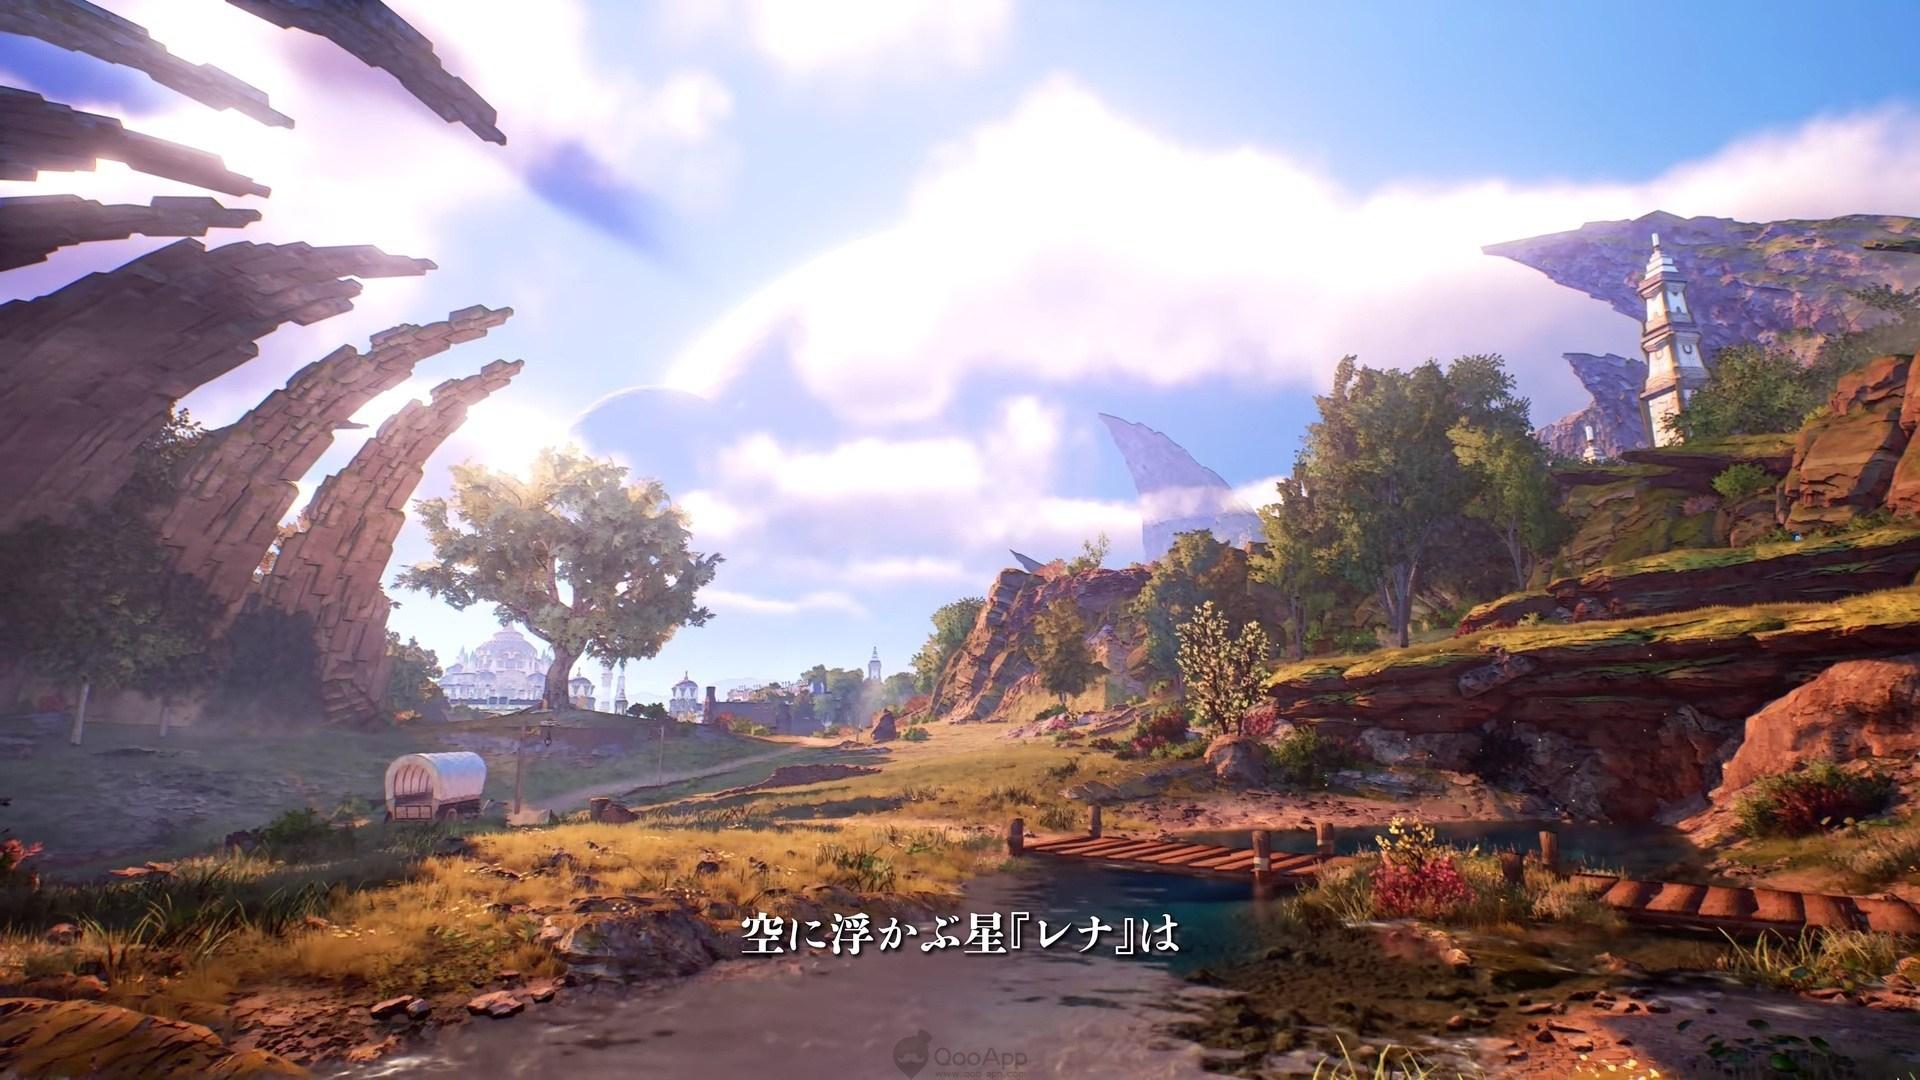 《破晓传说》画面震撼游戏细节多 采用半开放世界设计